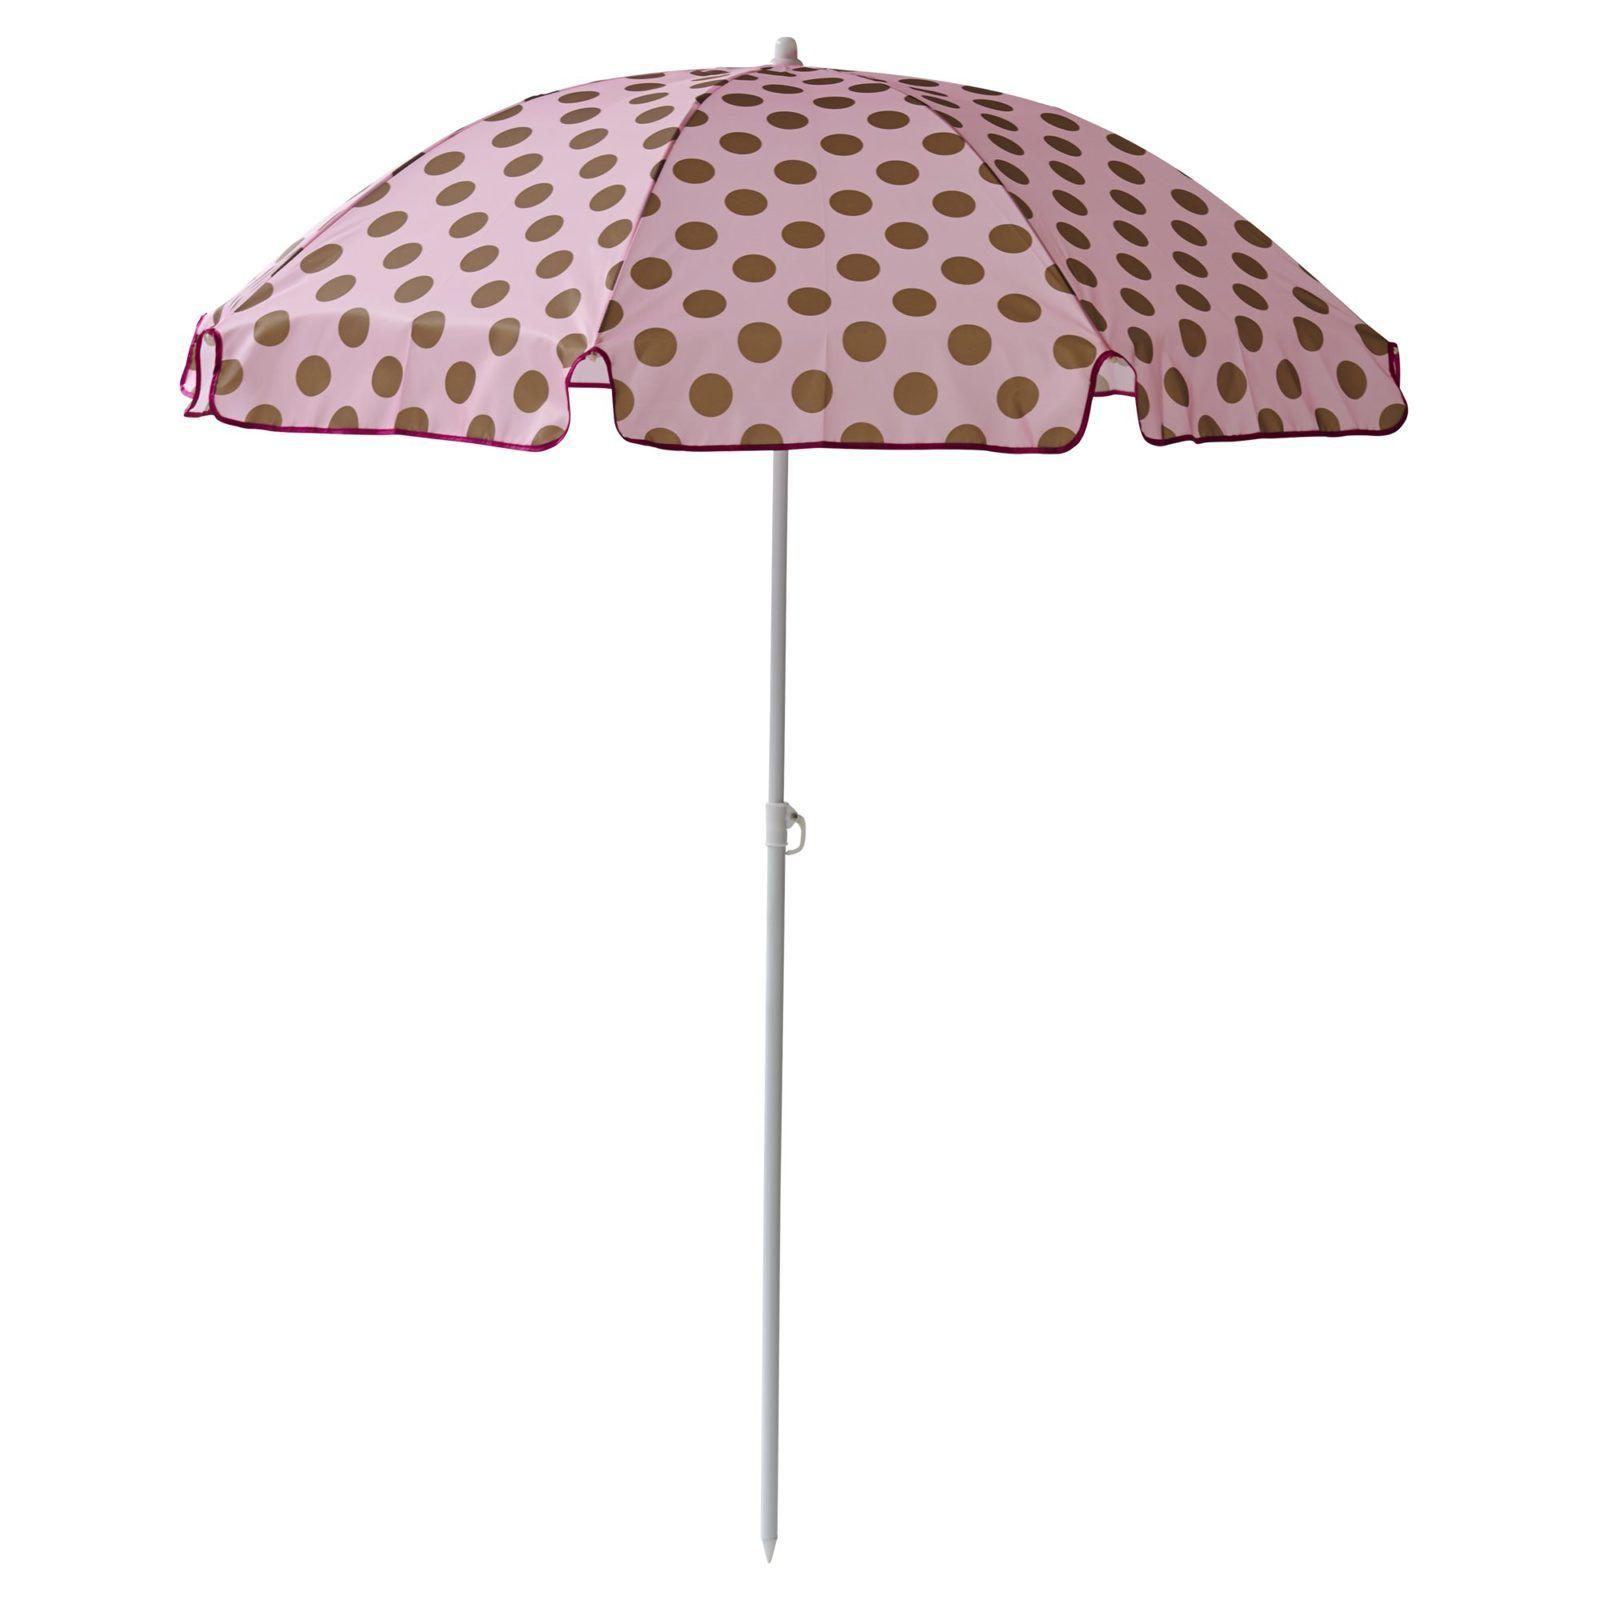 Sonnenschirm Von Rice Pink Mit Goldigen Punkten Einfach Zum Einstecken Sonnenschirm Originelle Geschenkideen Schirm